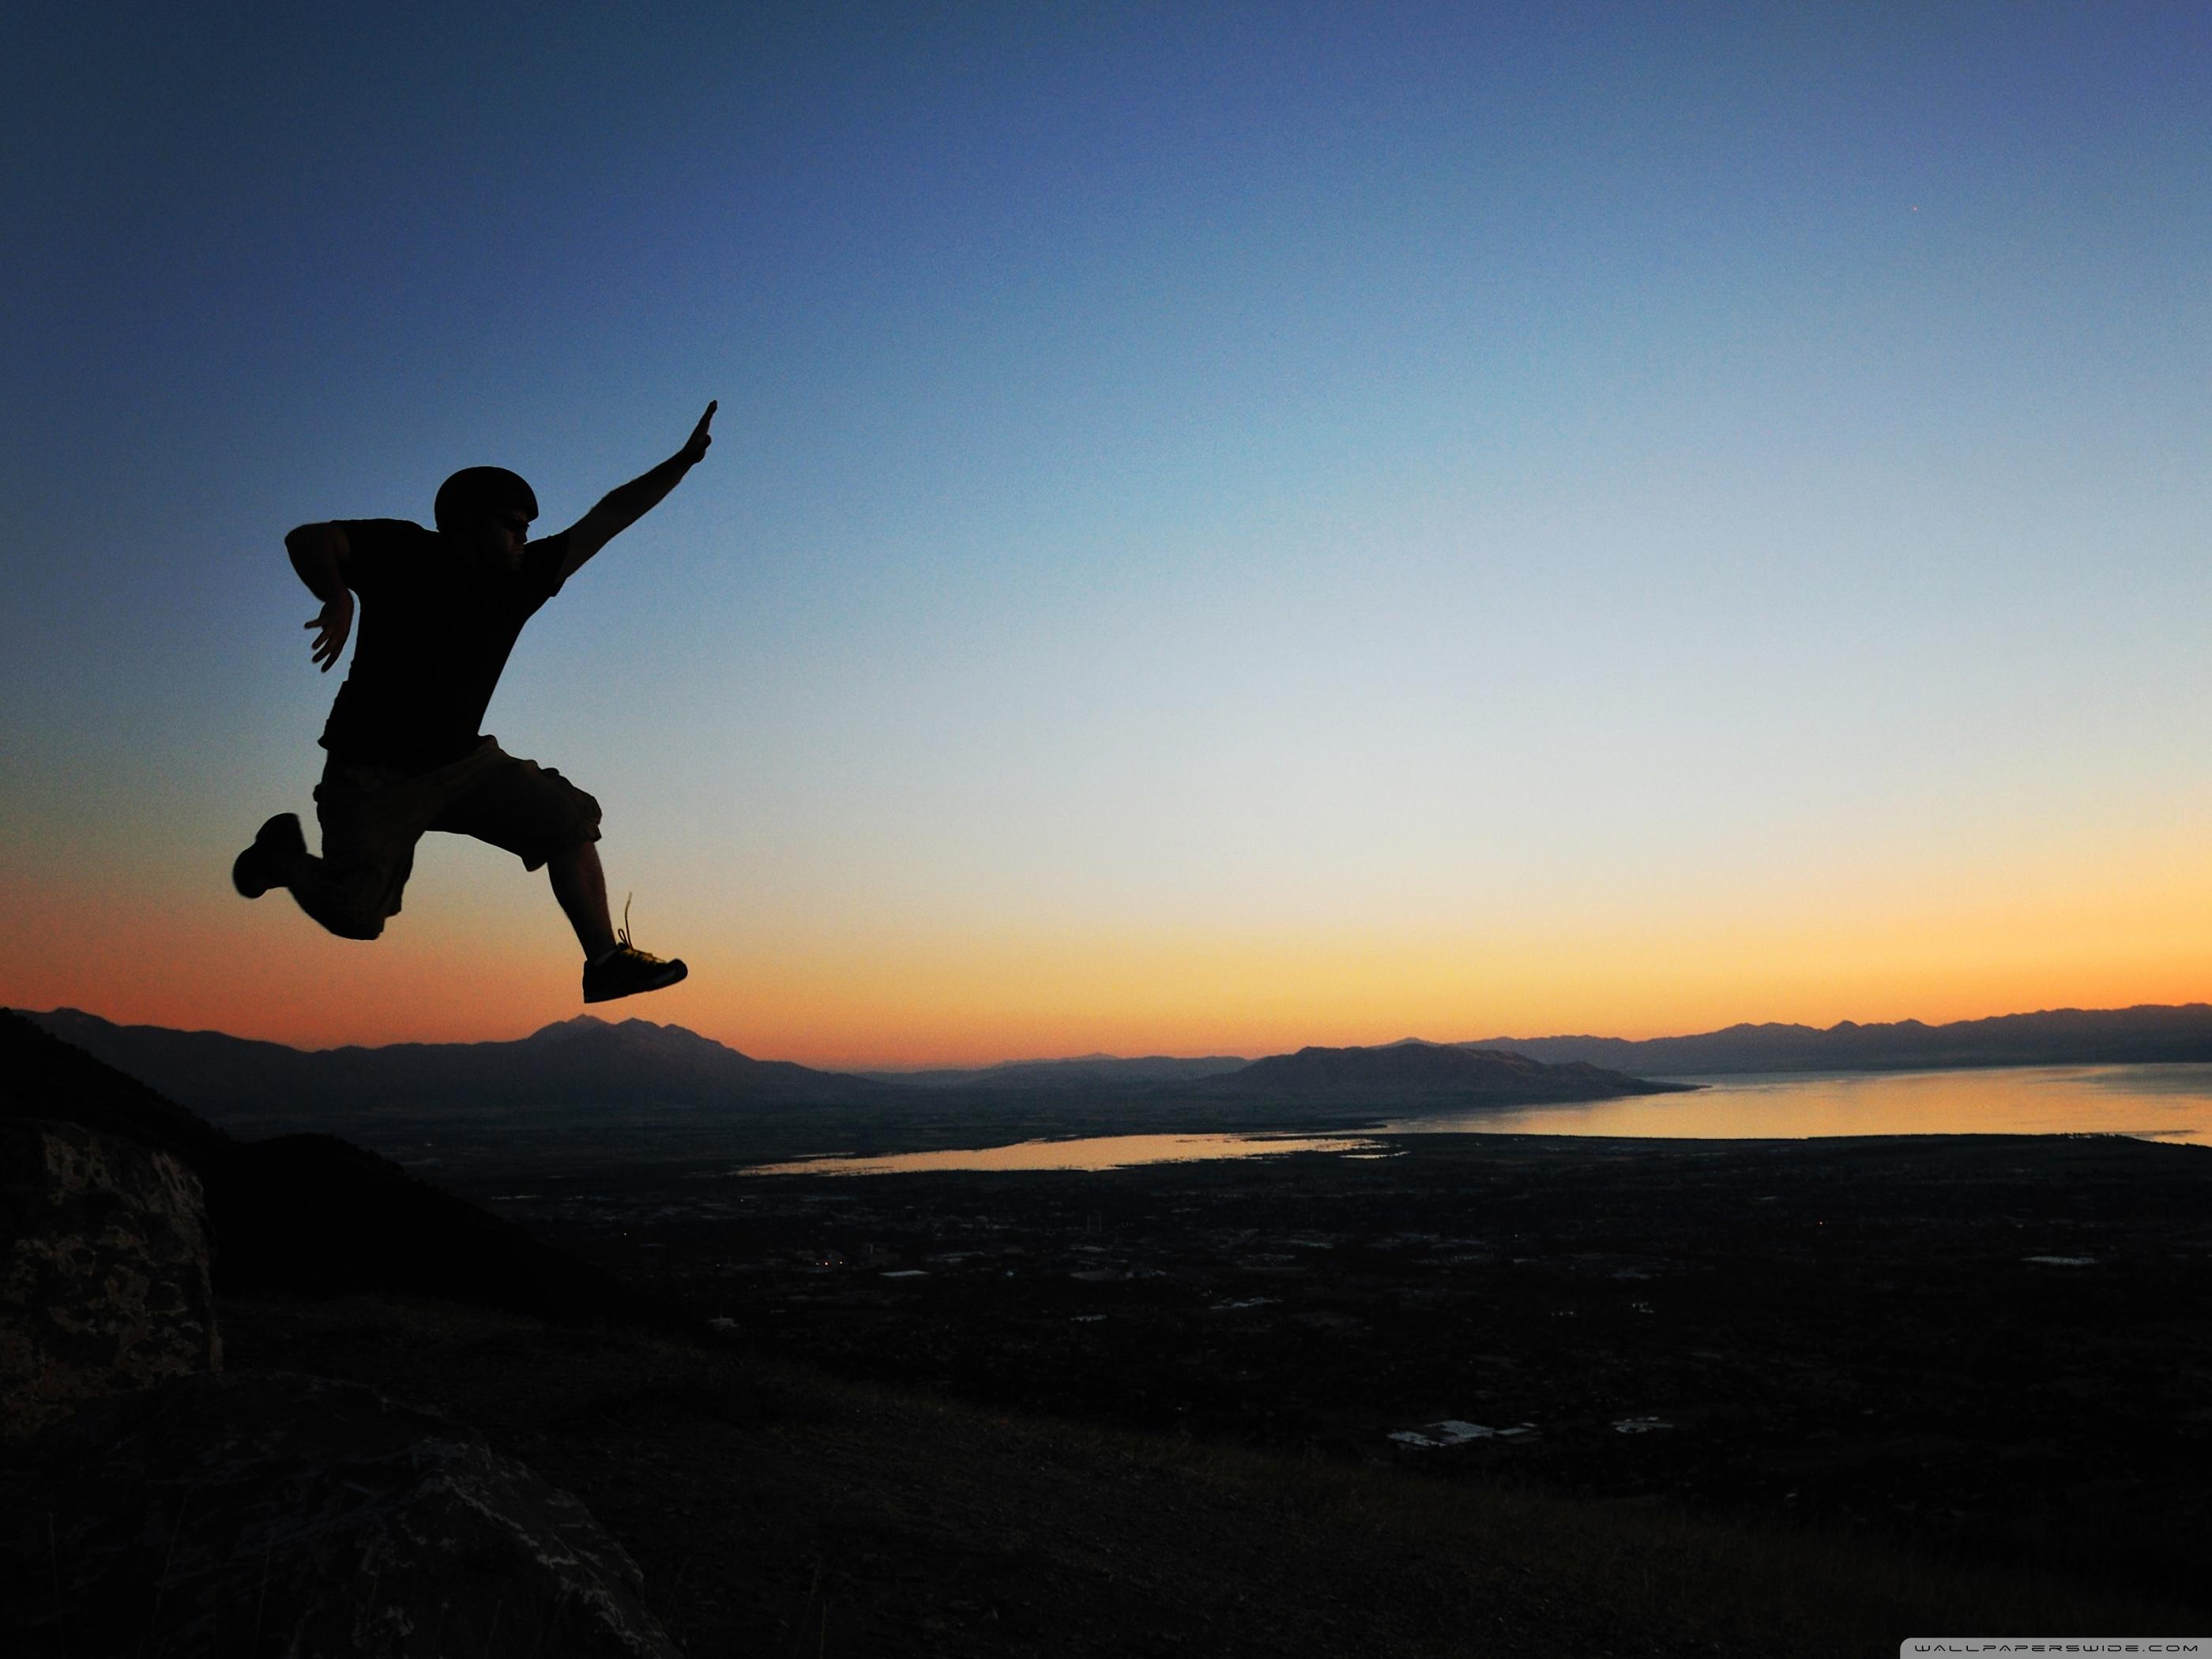 четкие фото человек в прыжке избирательно стоит подходить